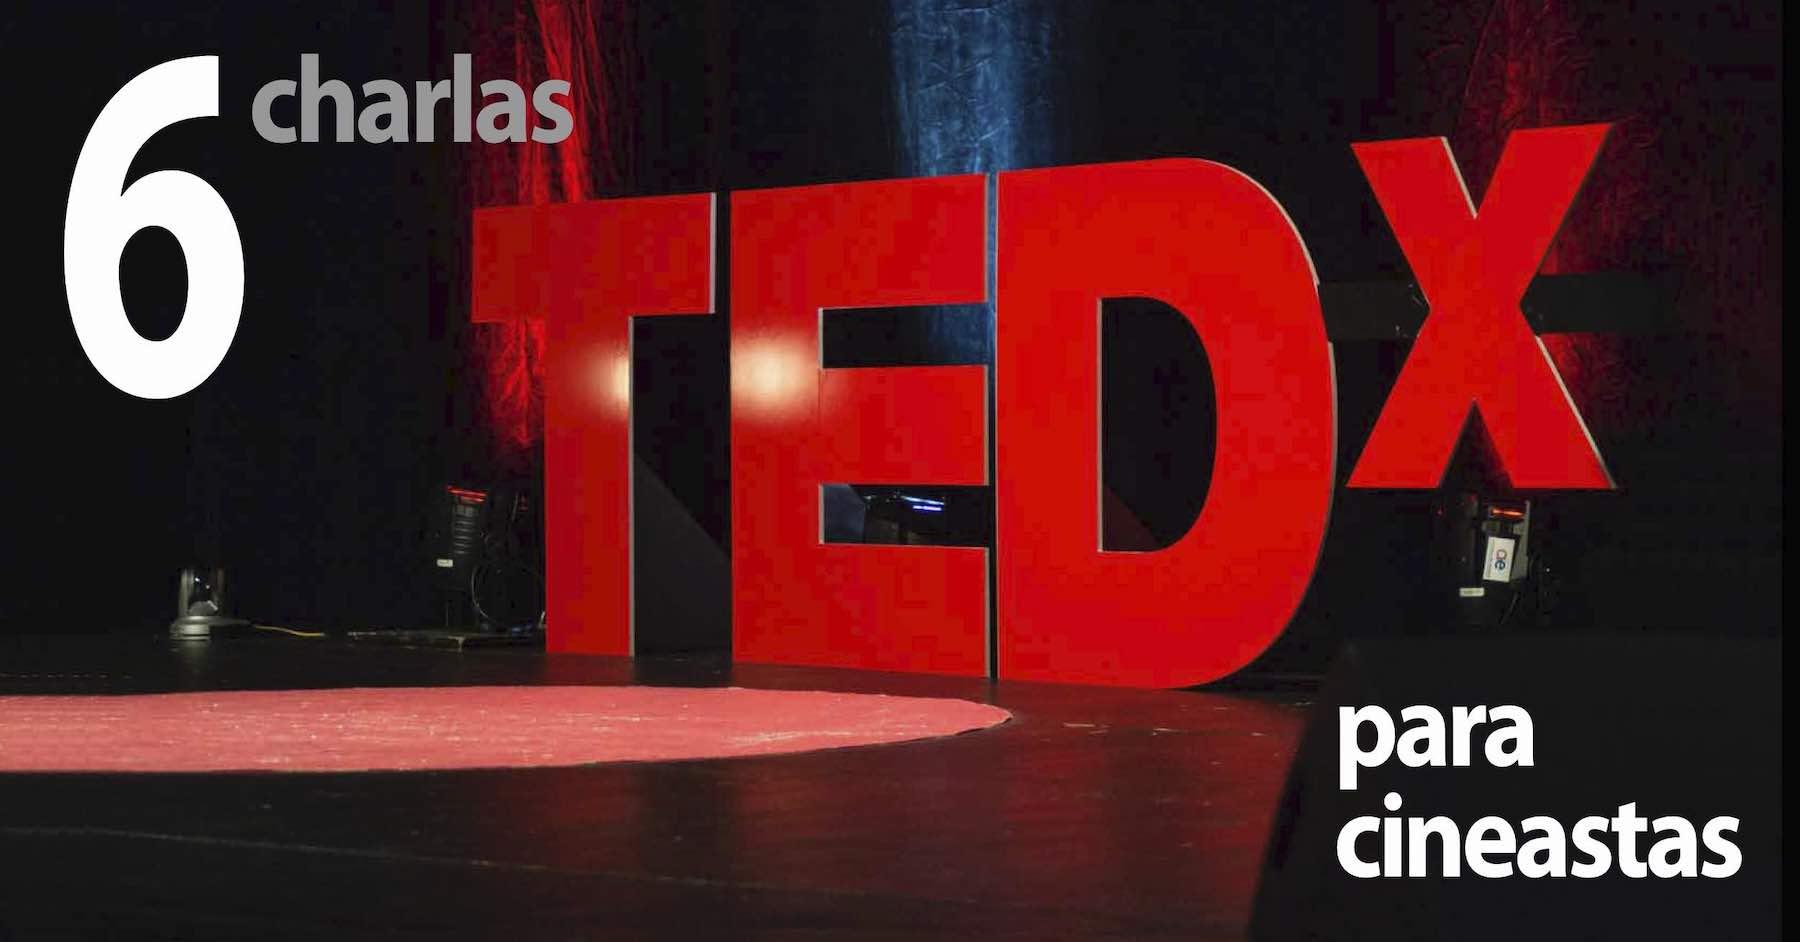 6 charlas TED para cineastas.